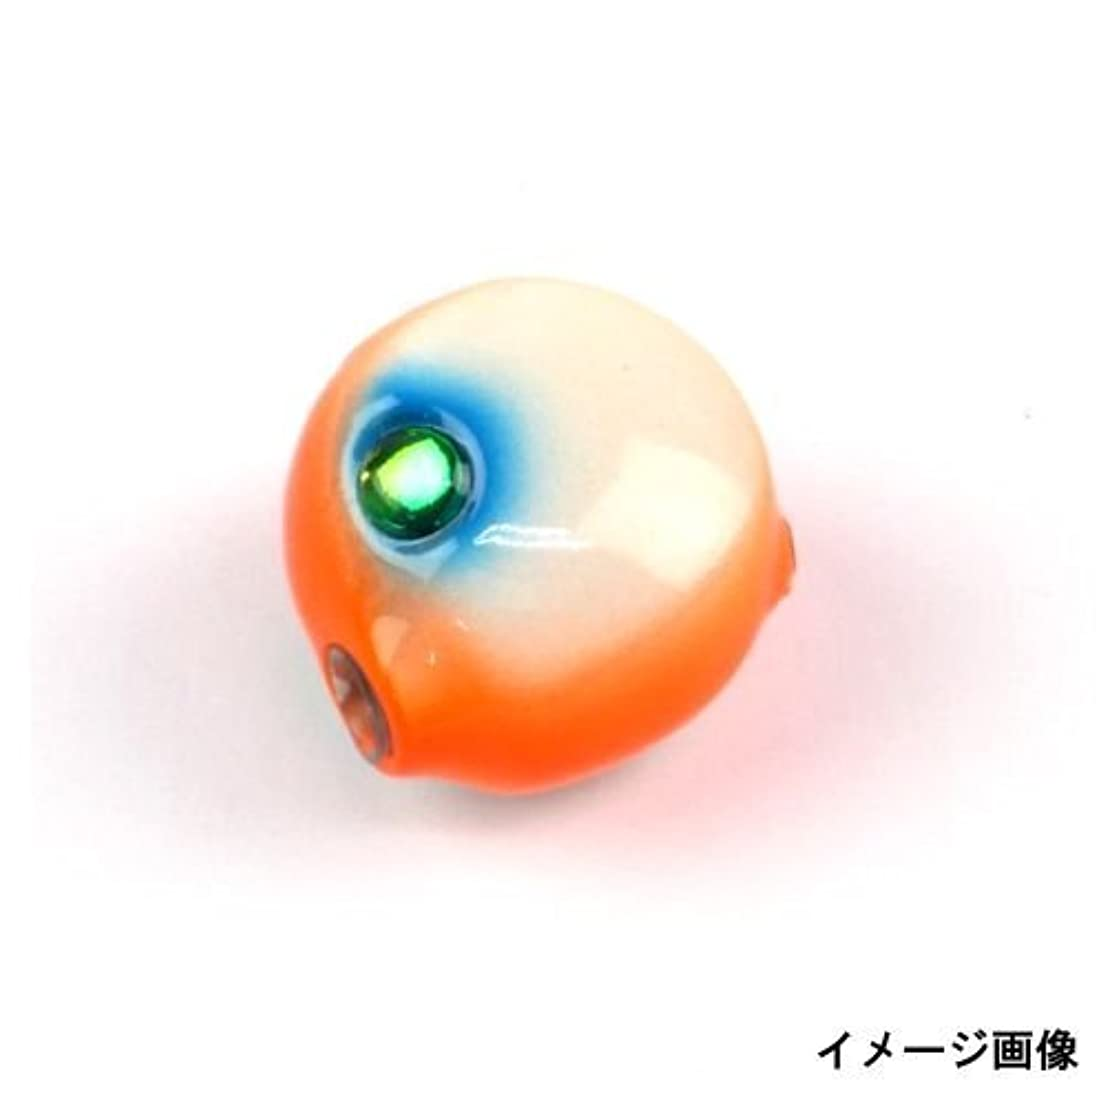 ボイド感じるごめんなさいシマノ(SHIMANO) タイラバ 炎月 待宵 ヘッド EJ-5 ルアー